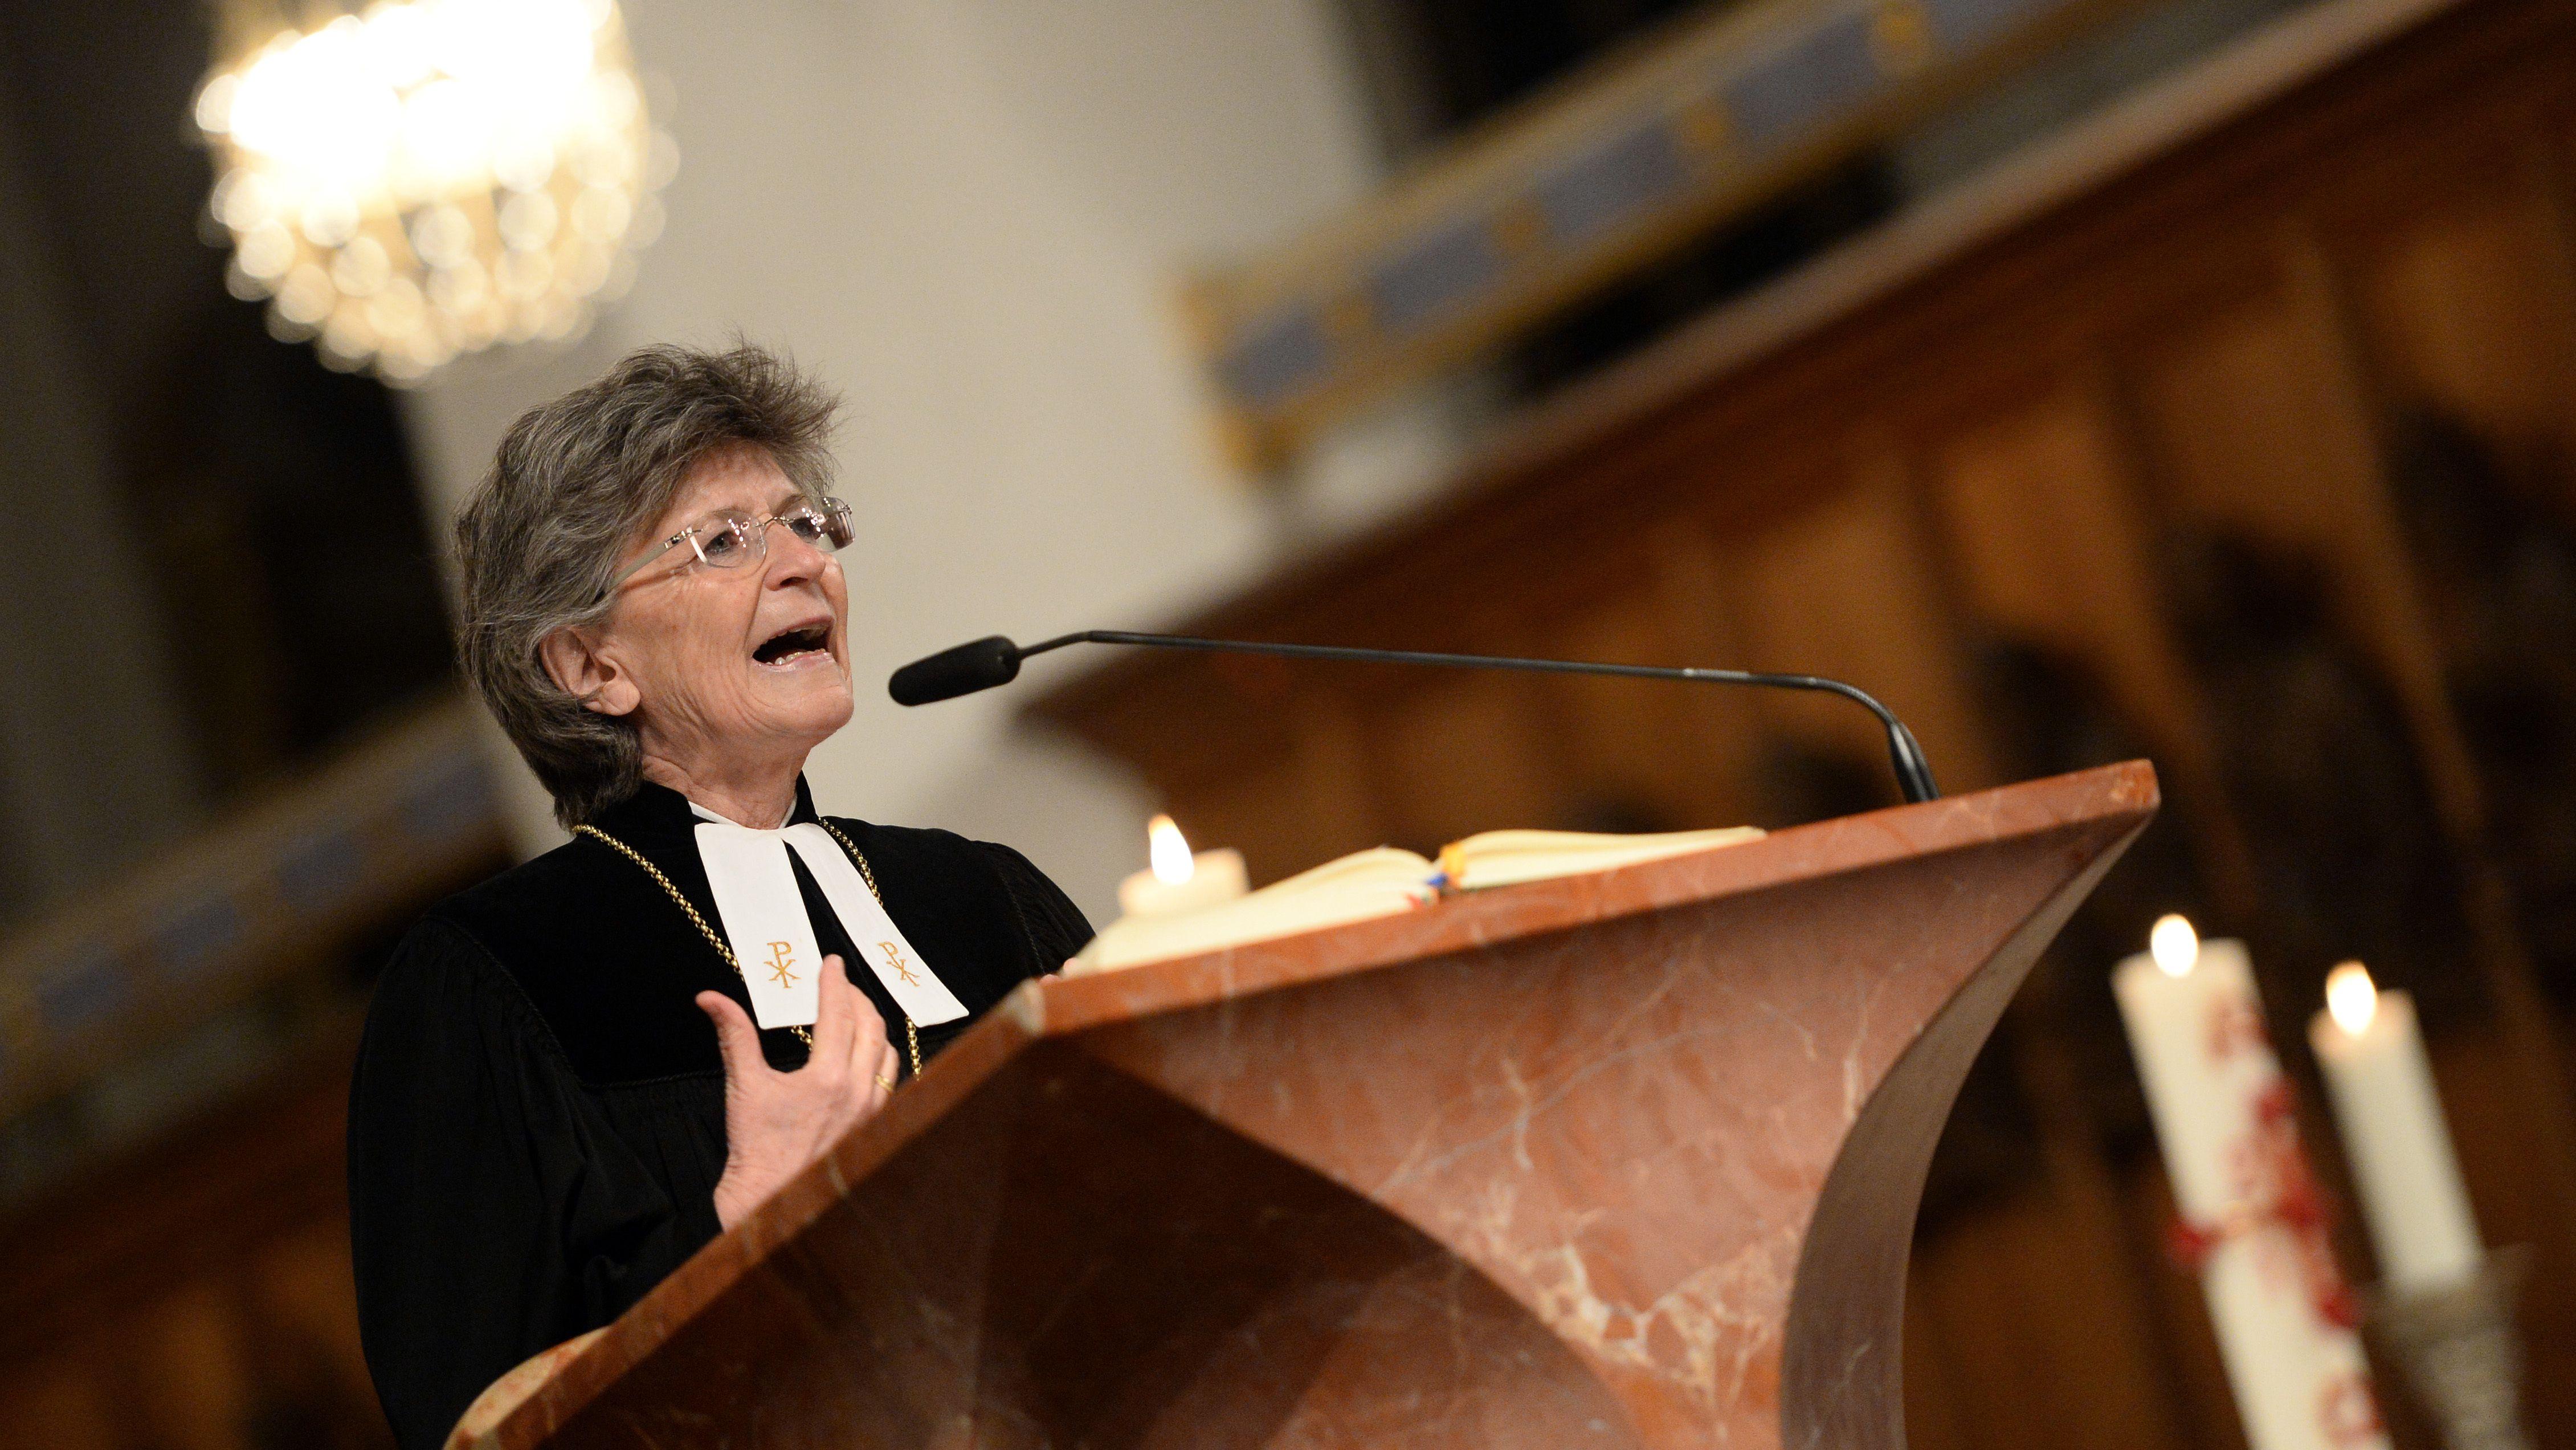 Die evangelisch-lutherische Regionalbischöfin Susanne Breit-Keßler (Archivbild)